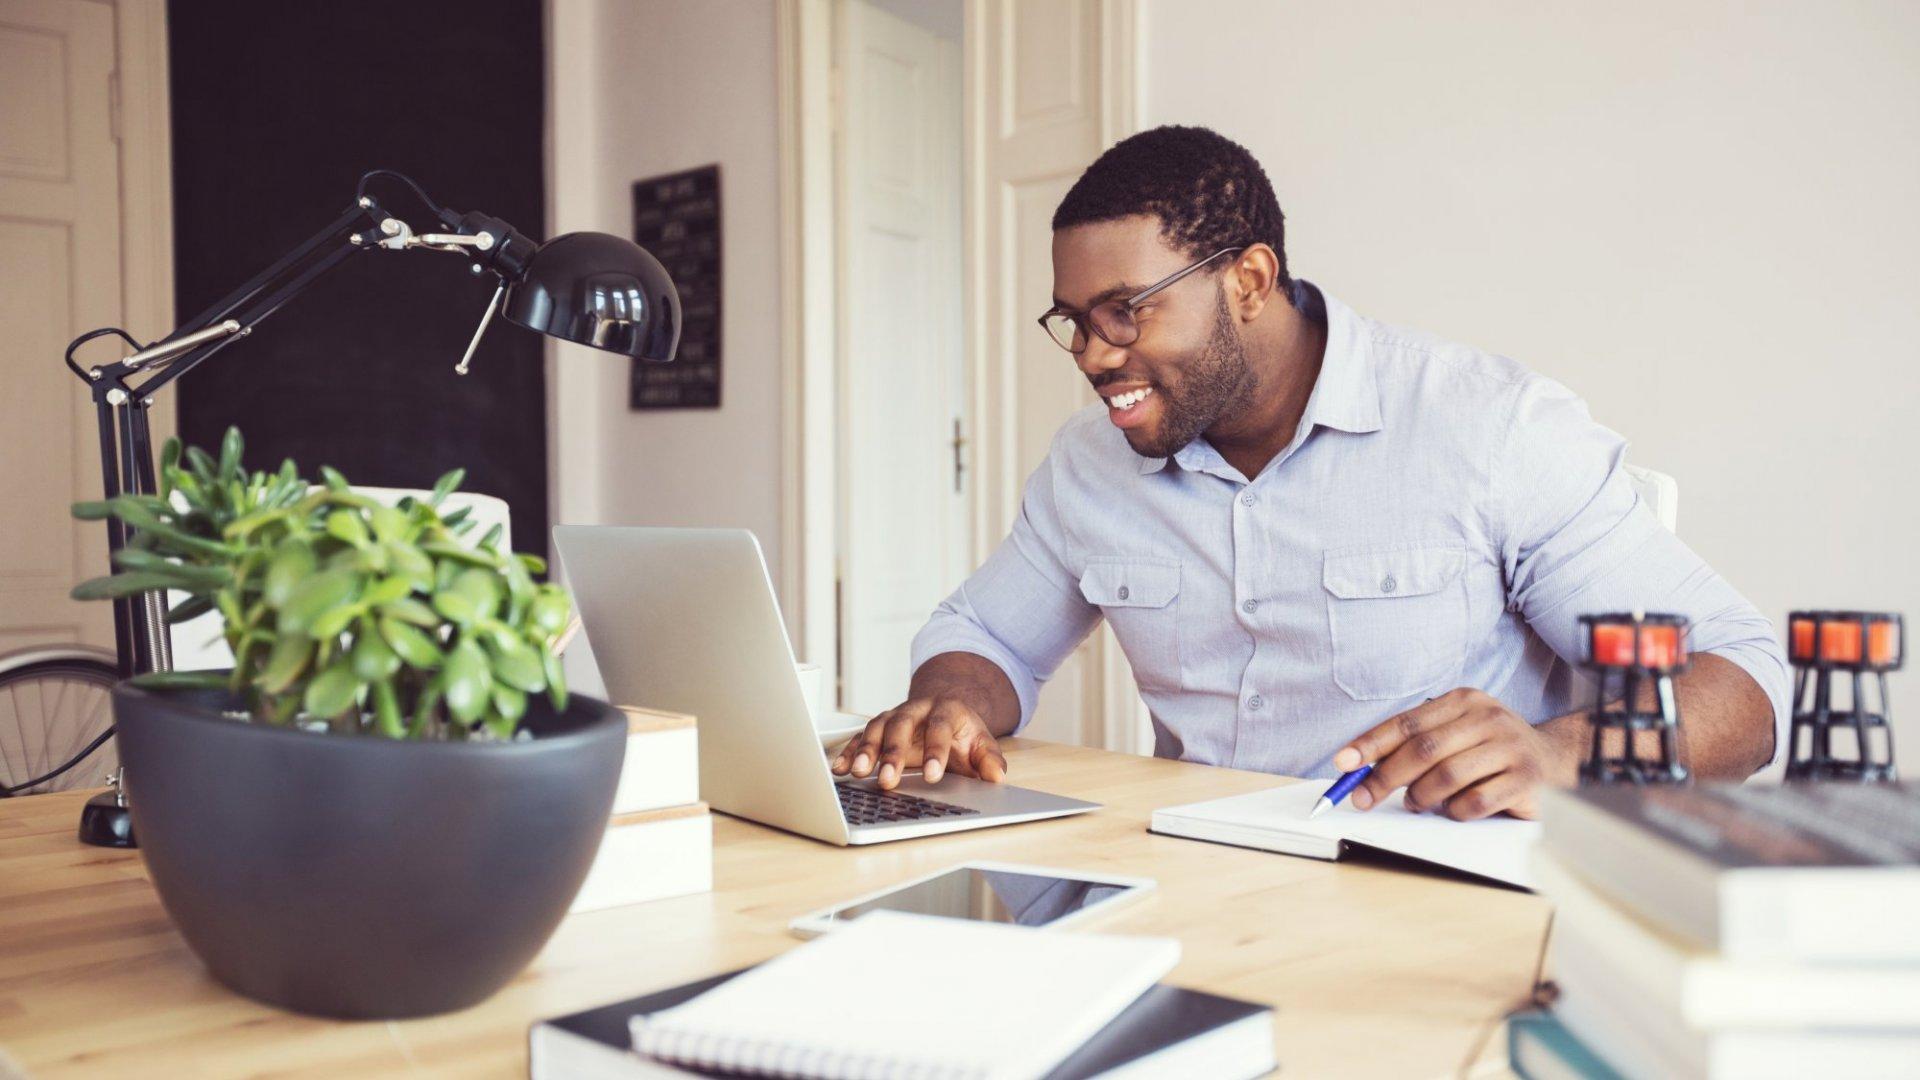 Các phương pháp học từ vựng tiếng Anh online đem lại hiệu quả nổi bật